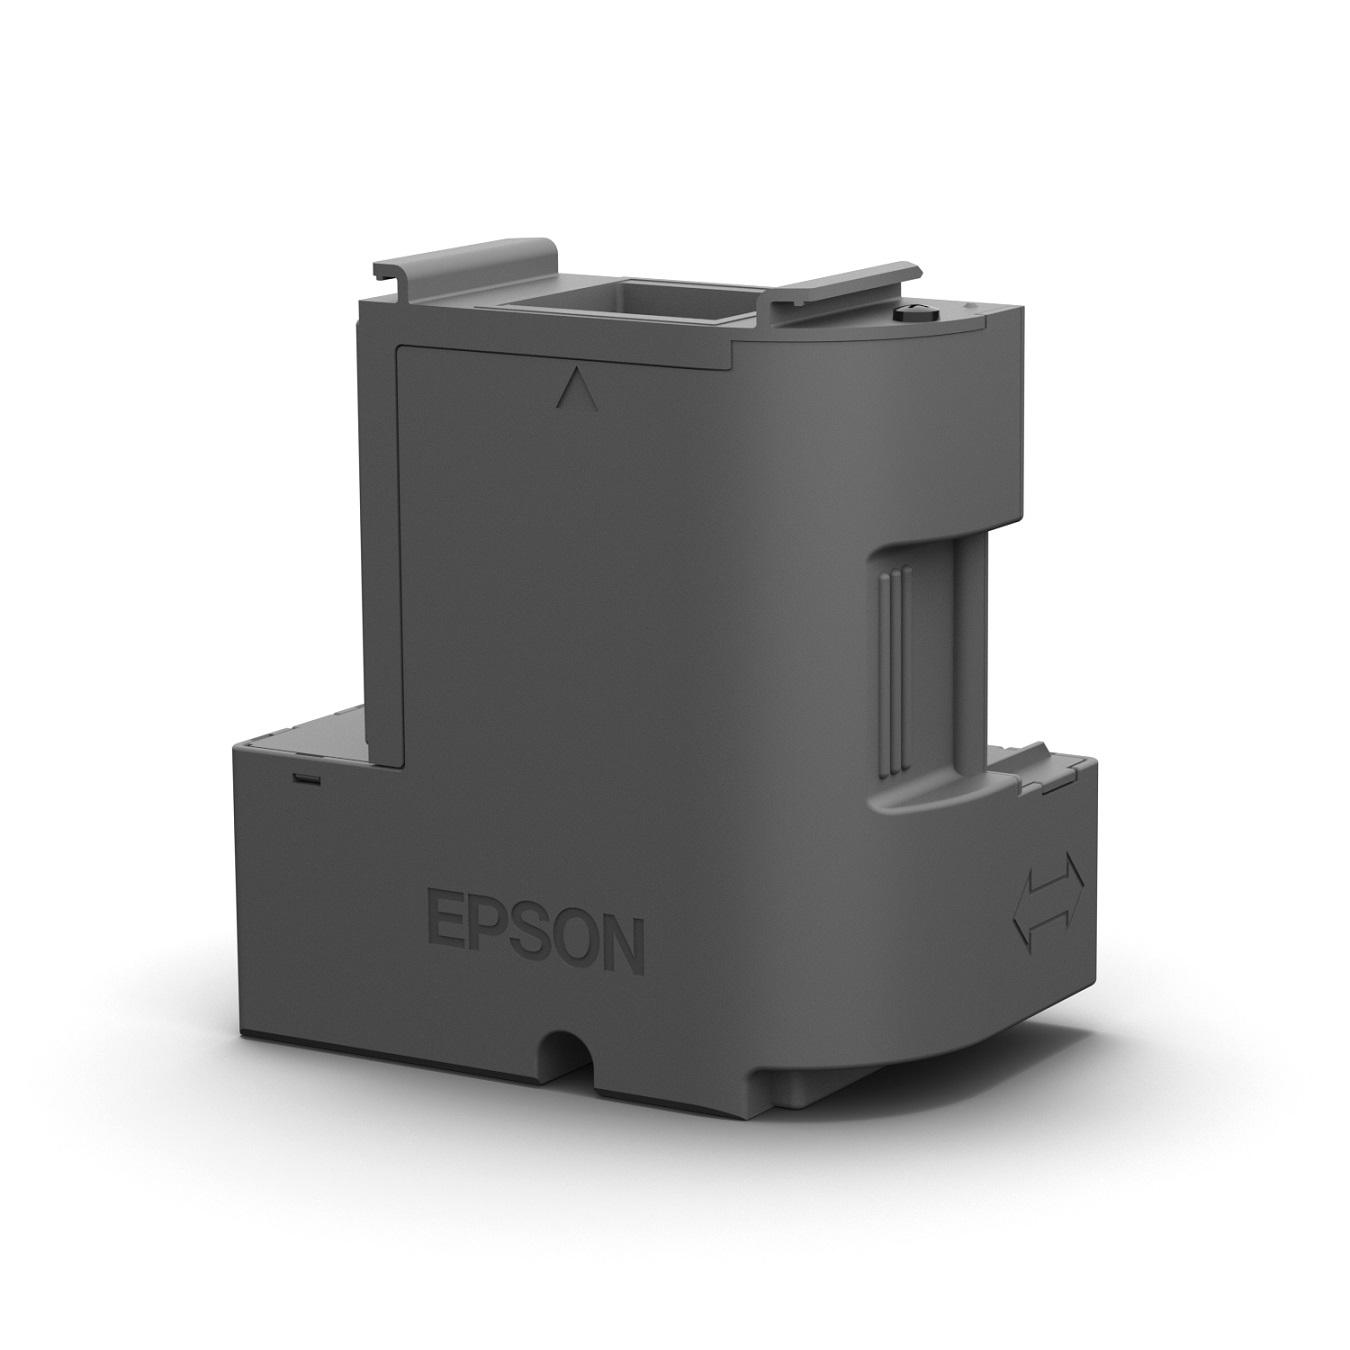 Epson Maintenance Box, XP-5100 / ET-3700 / ET-4750 / L6000 / ET-15000 Series - C13T04D100